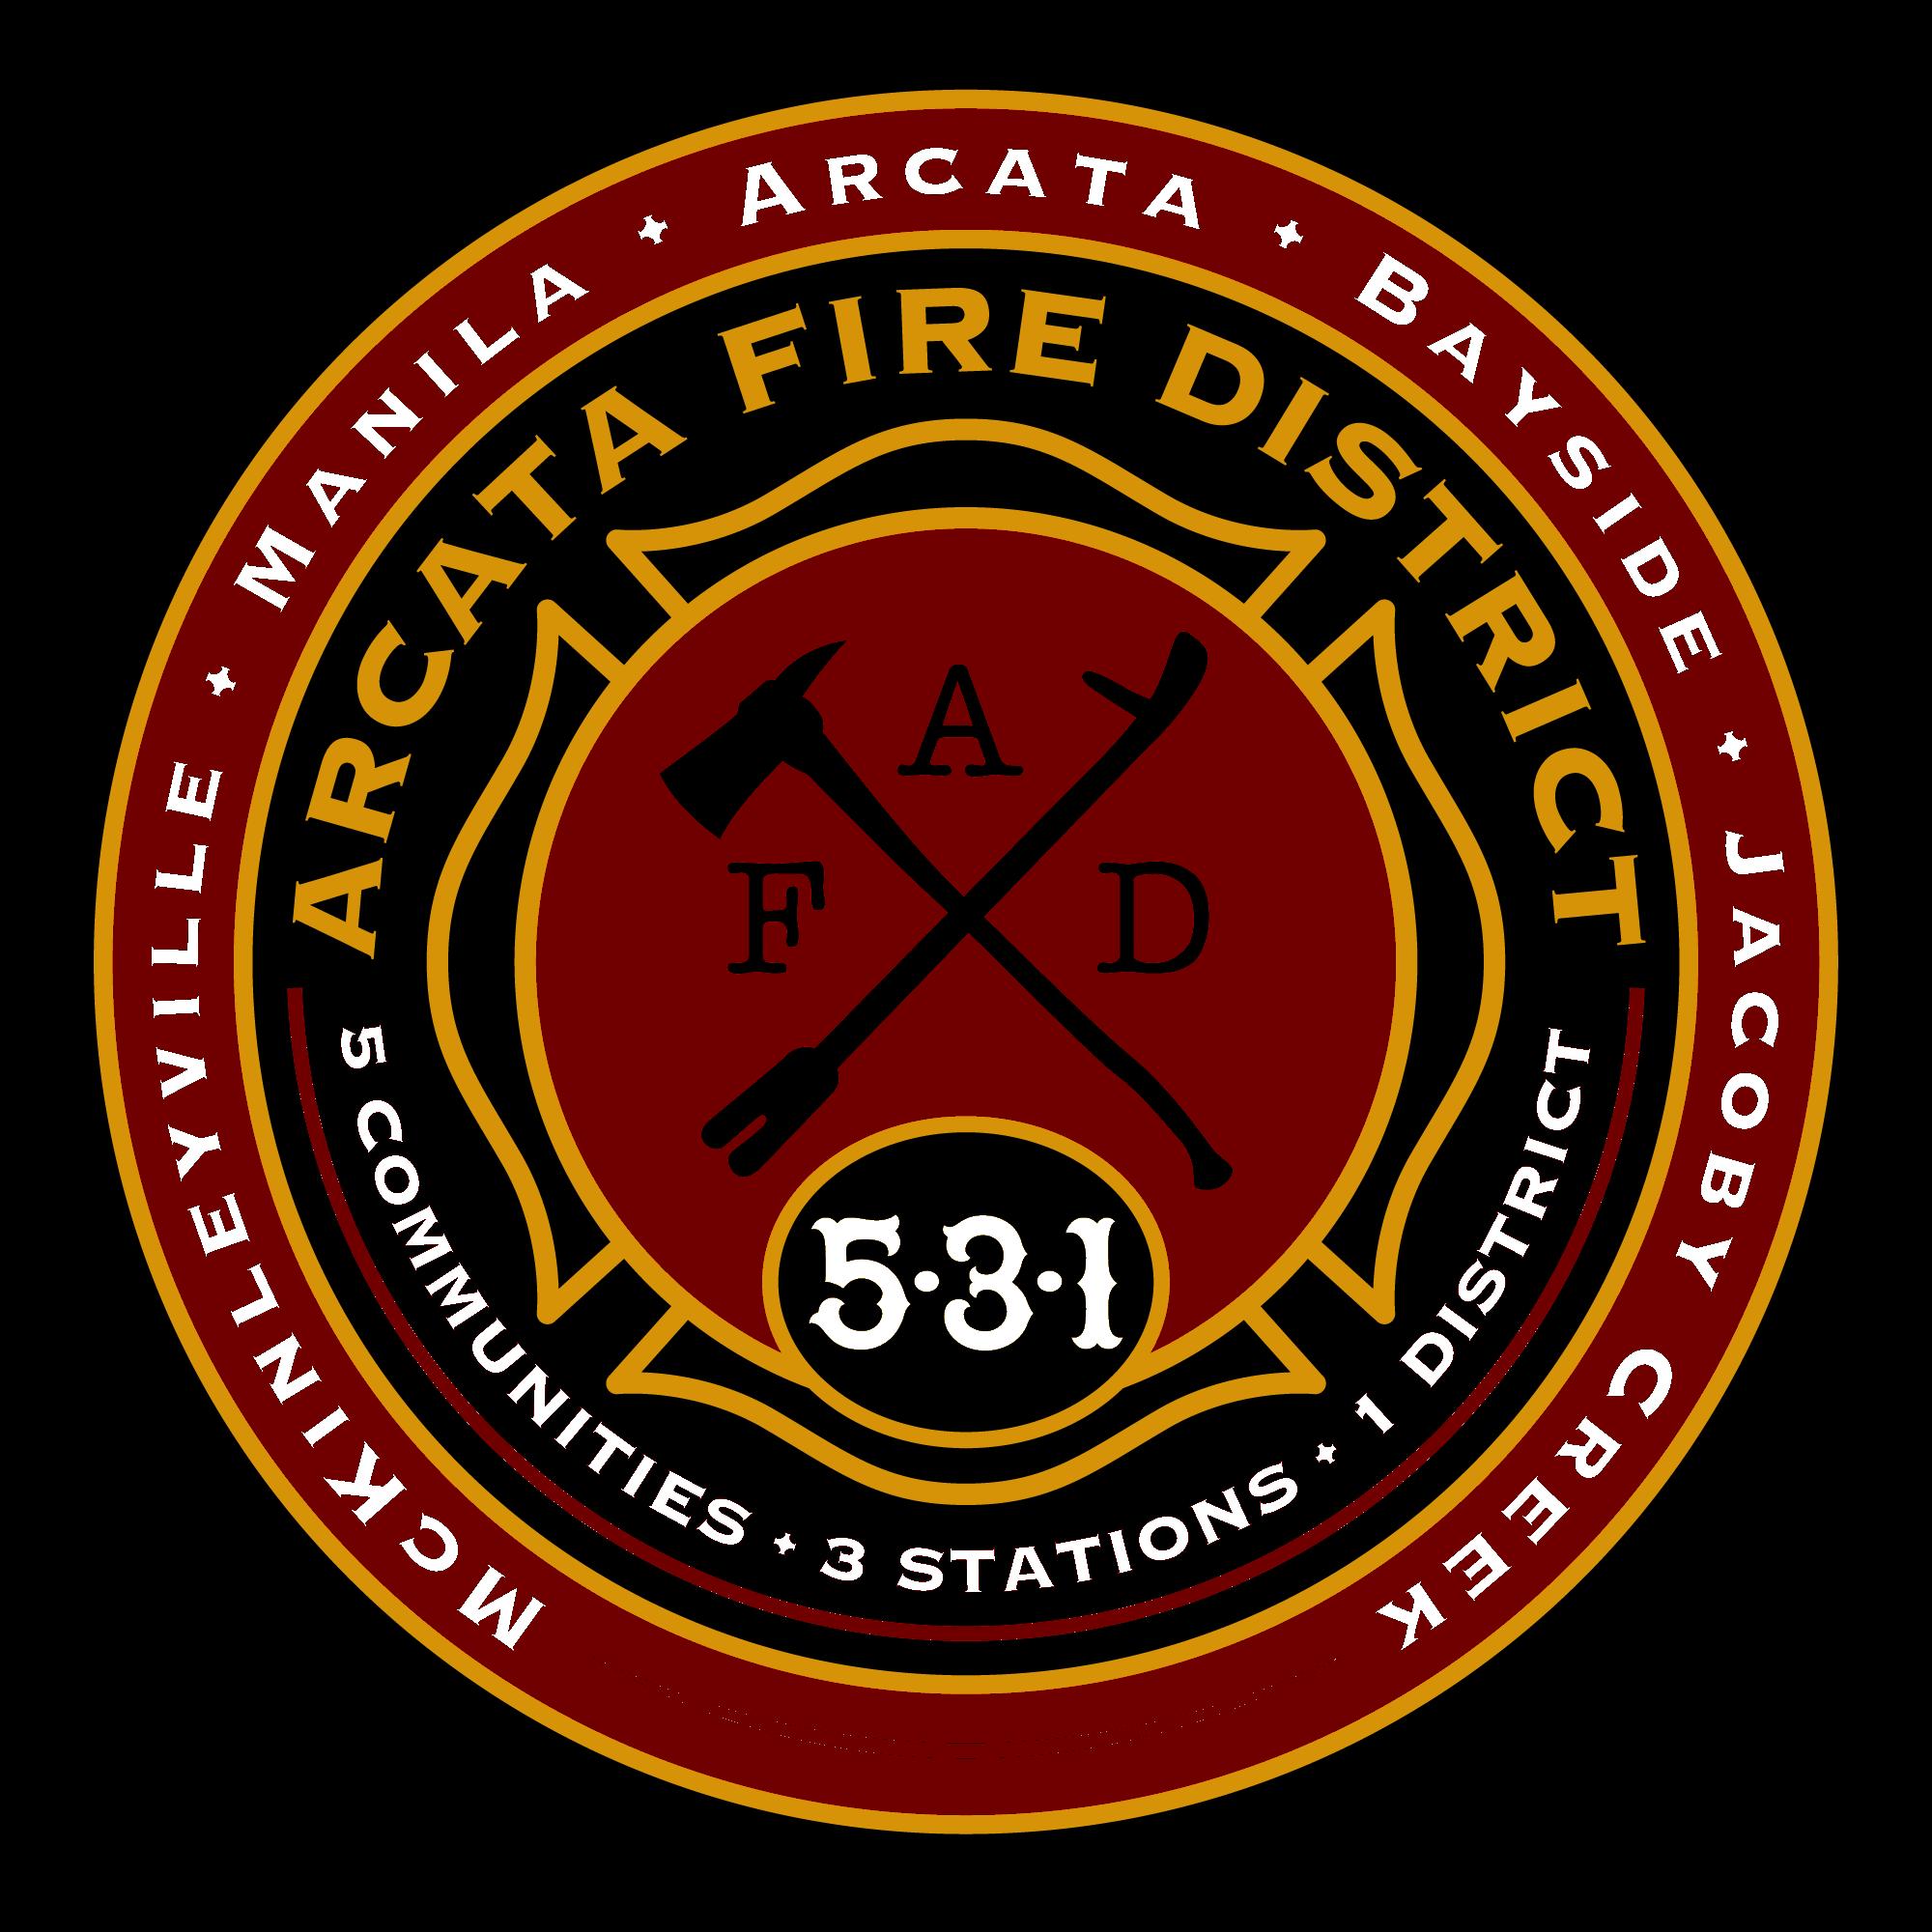 May contain: logo, trademark, symbol, and badge